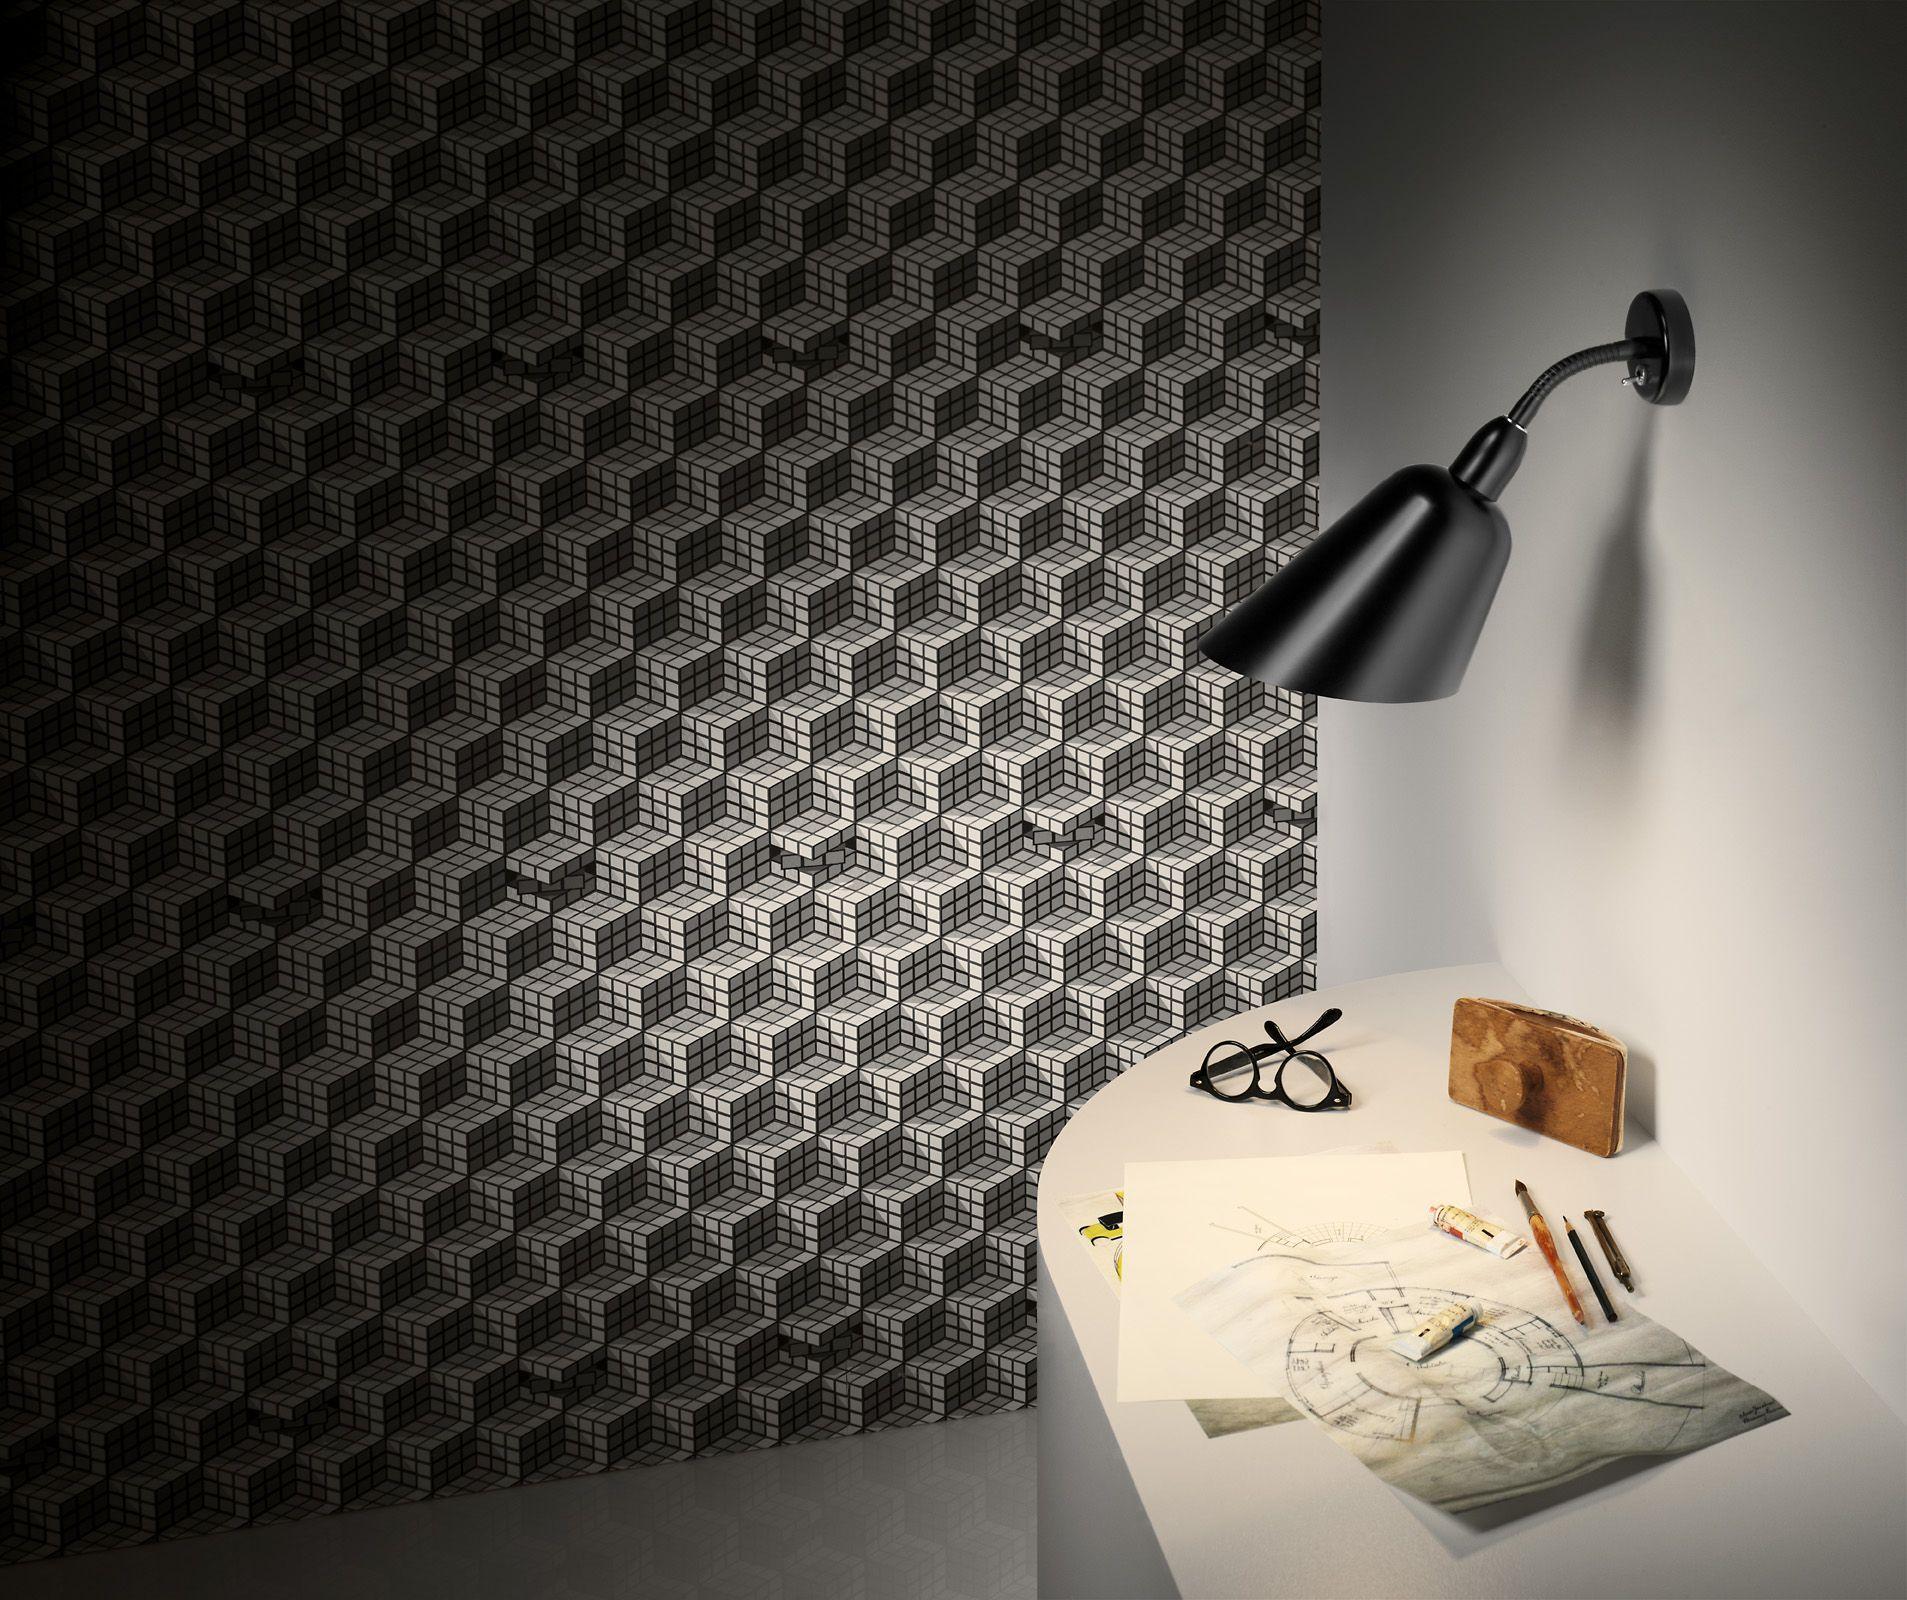 Bellevue Wall Lamp Arne Jacobsen Tradition Http Decdesignecasa Blogspot It Black Wall Lamps Wall Lamp Wall Lights